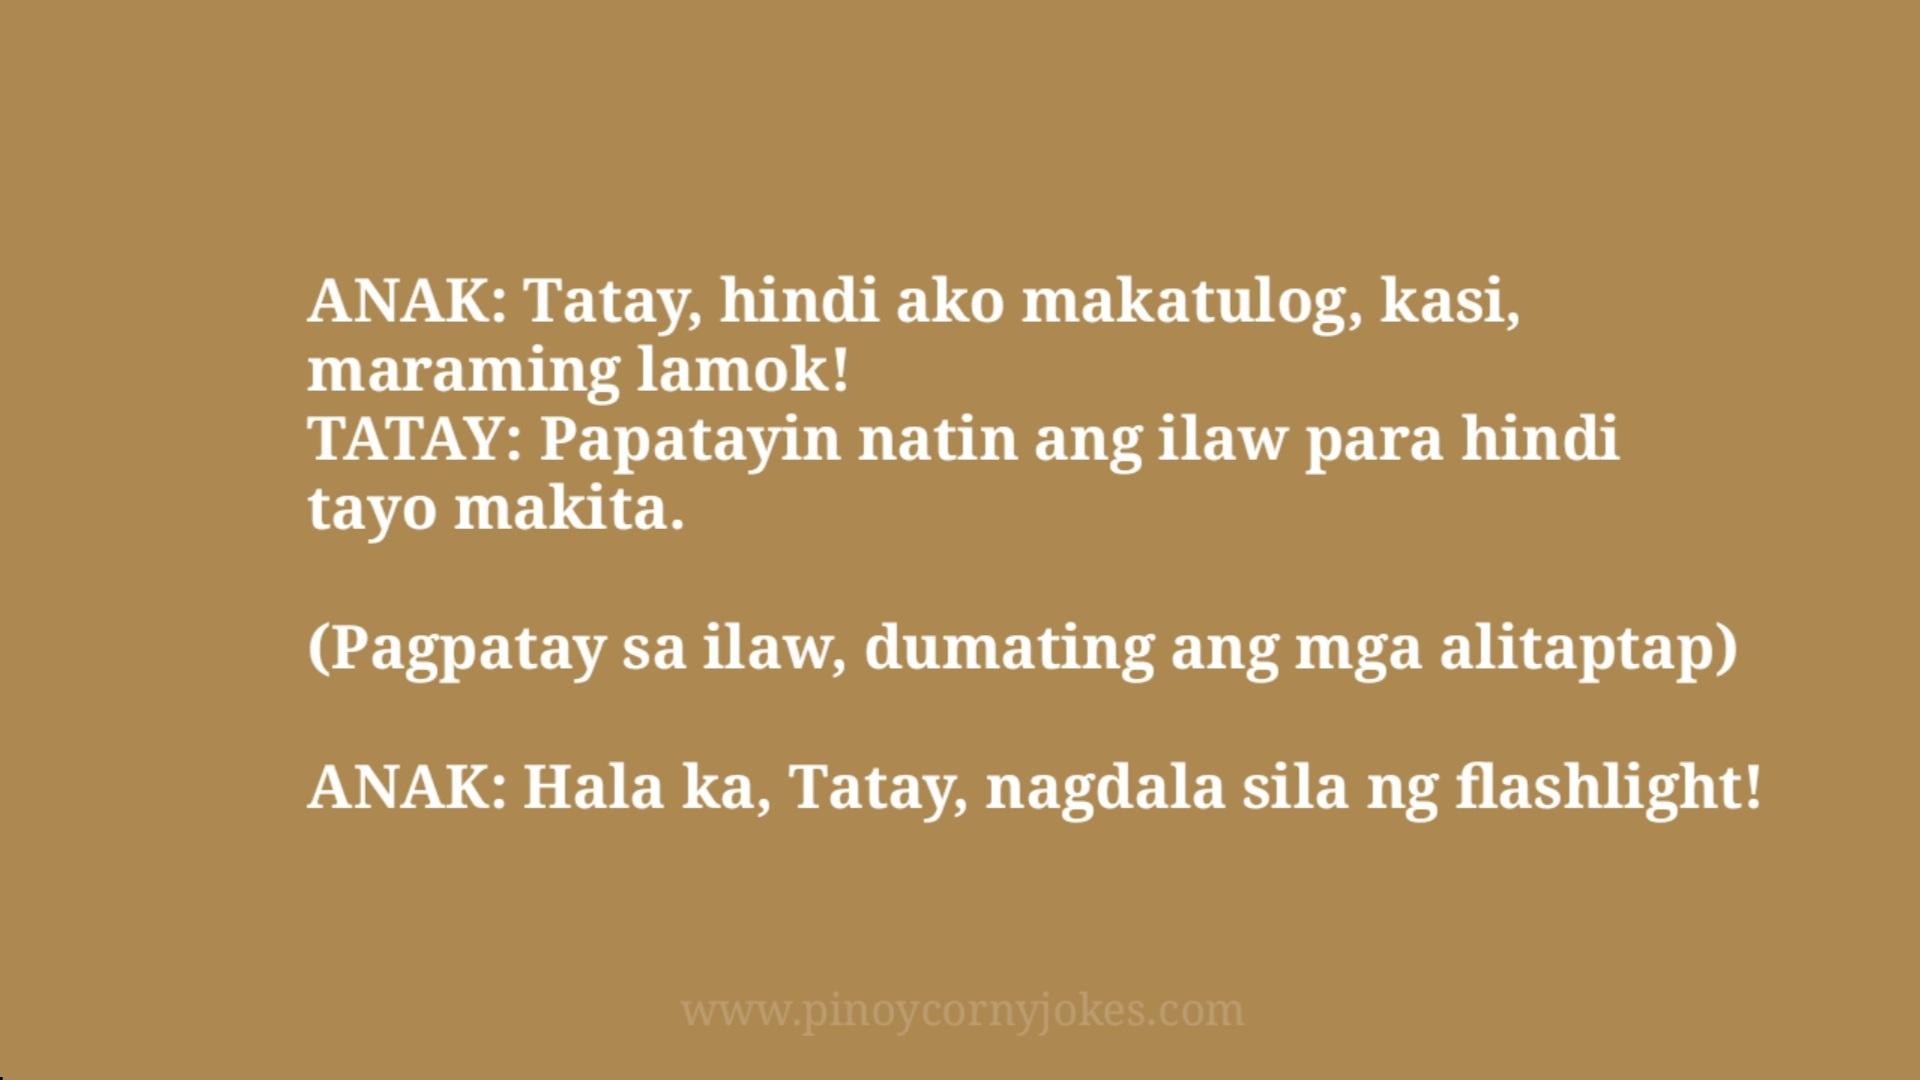 hindi makatulog tagalog jokes parents